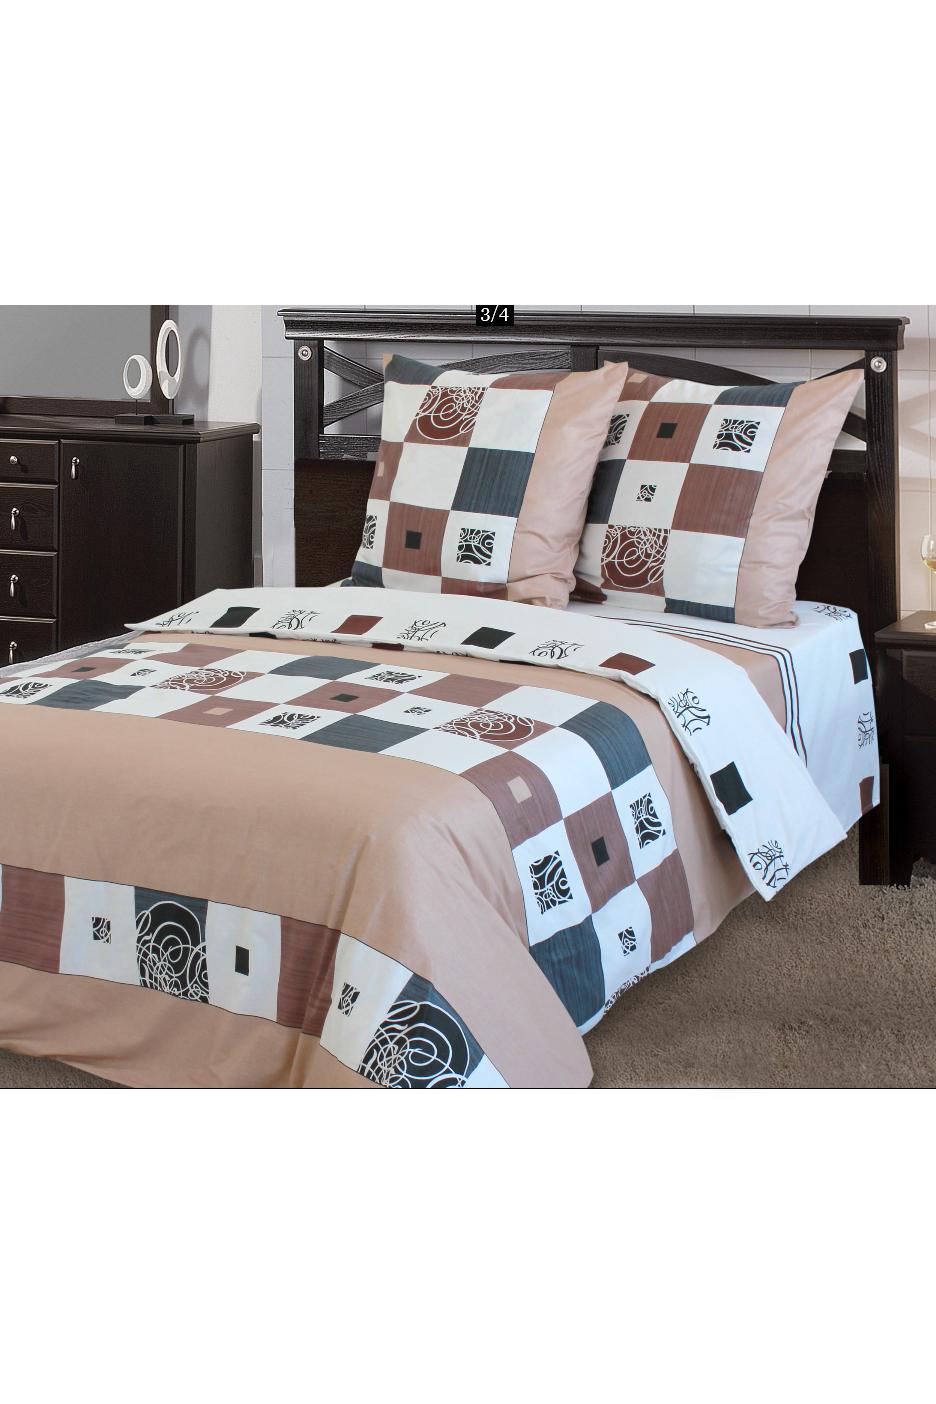 Комплект постельного бельяПостельное белье<br>Бязь - это плотная хлопчатобумажная ткань, гигиеничная, обладающая низкой сменяемостью и легко стирающаяся. Изготавливается из 100% хлопка с использованием устойчивых безопасных красителей для нанесения рисунка на долгие годы, сохраняя яркость цвета.  В изделии использованы цвета: бежевый, коричневый, серый и др.  Обращаем Ваше внимание на то, что расположение рисунка на комплекте не всегда полностью совпадает с рисунком на картинке Данное несоответствие не расценивается как брак или некондиция.  Комплект полутораспального гарнитура: Пододеяльник 150х215 - 1шт. Простынь 150х220 - 1шт. Наволочка 70х70 - 2шт.  Комплект двуспального гарнитура: Пододеяльник 180х220 - 1шт. Простынь 180х220 - 1шт. Наволочка 70х70 - 2 шт.  Комплект двуспального гарнитура с Евро простыней: Пододеяльник 180х220 - 1шт. Простынь 220х240 - 1шт. Наволочка 70х70 - 2 шт.  Комплект Евро гарнитура:  Пододеяльник 220х240 - 1шт.  Простынь 220х240 - 1шт.  Наволочка 70х70 - 2 шт.  Комплект Дуэт гарнитура:  Пододеяльник 150х220 - 2 шт. Простынь 220х240 - 1шт.  Наволочка 70х70 - 2 шт.<br><br>По комплектации: Наволочка 2 шт.,Пододеяльник 1 шт.,Простыня 1 шт.<br>По материалу: Бязь,Хлопок<br>По размеру: Полутороспальные<br>По рисунку: Геометрия,С принтом,Цветные<br>По способу закрывания: В нахлест<br>Размер : 1,5<br>Материал: Бязь набивная б/шва 100% хлопок<br>Количество в наличии: 1